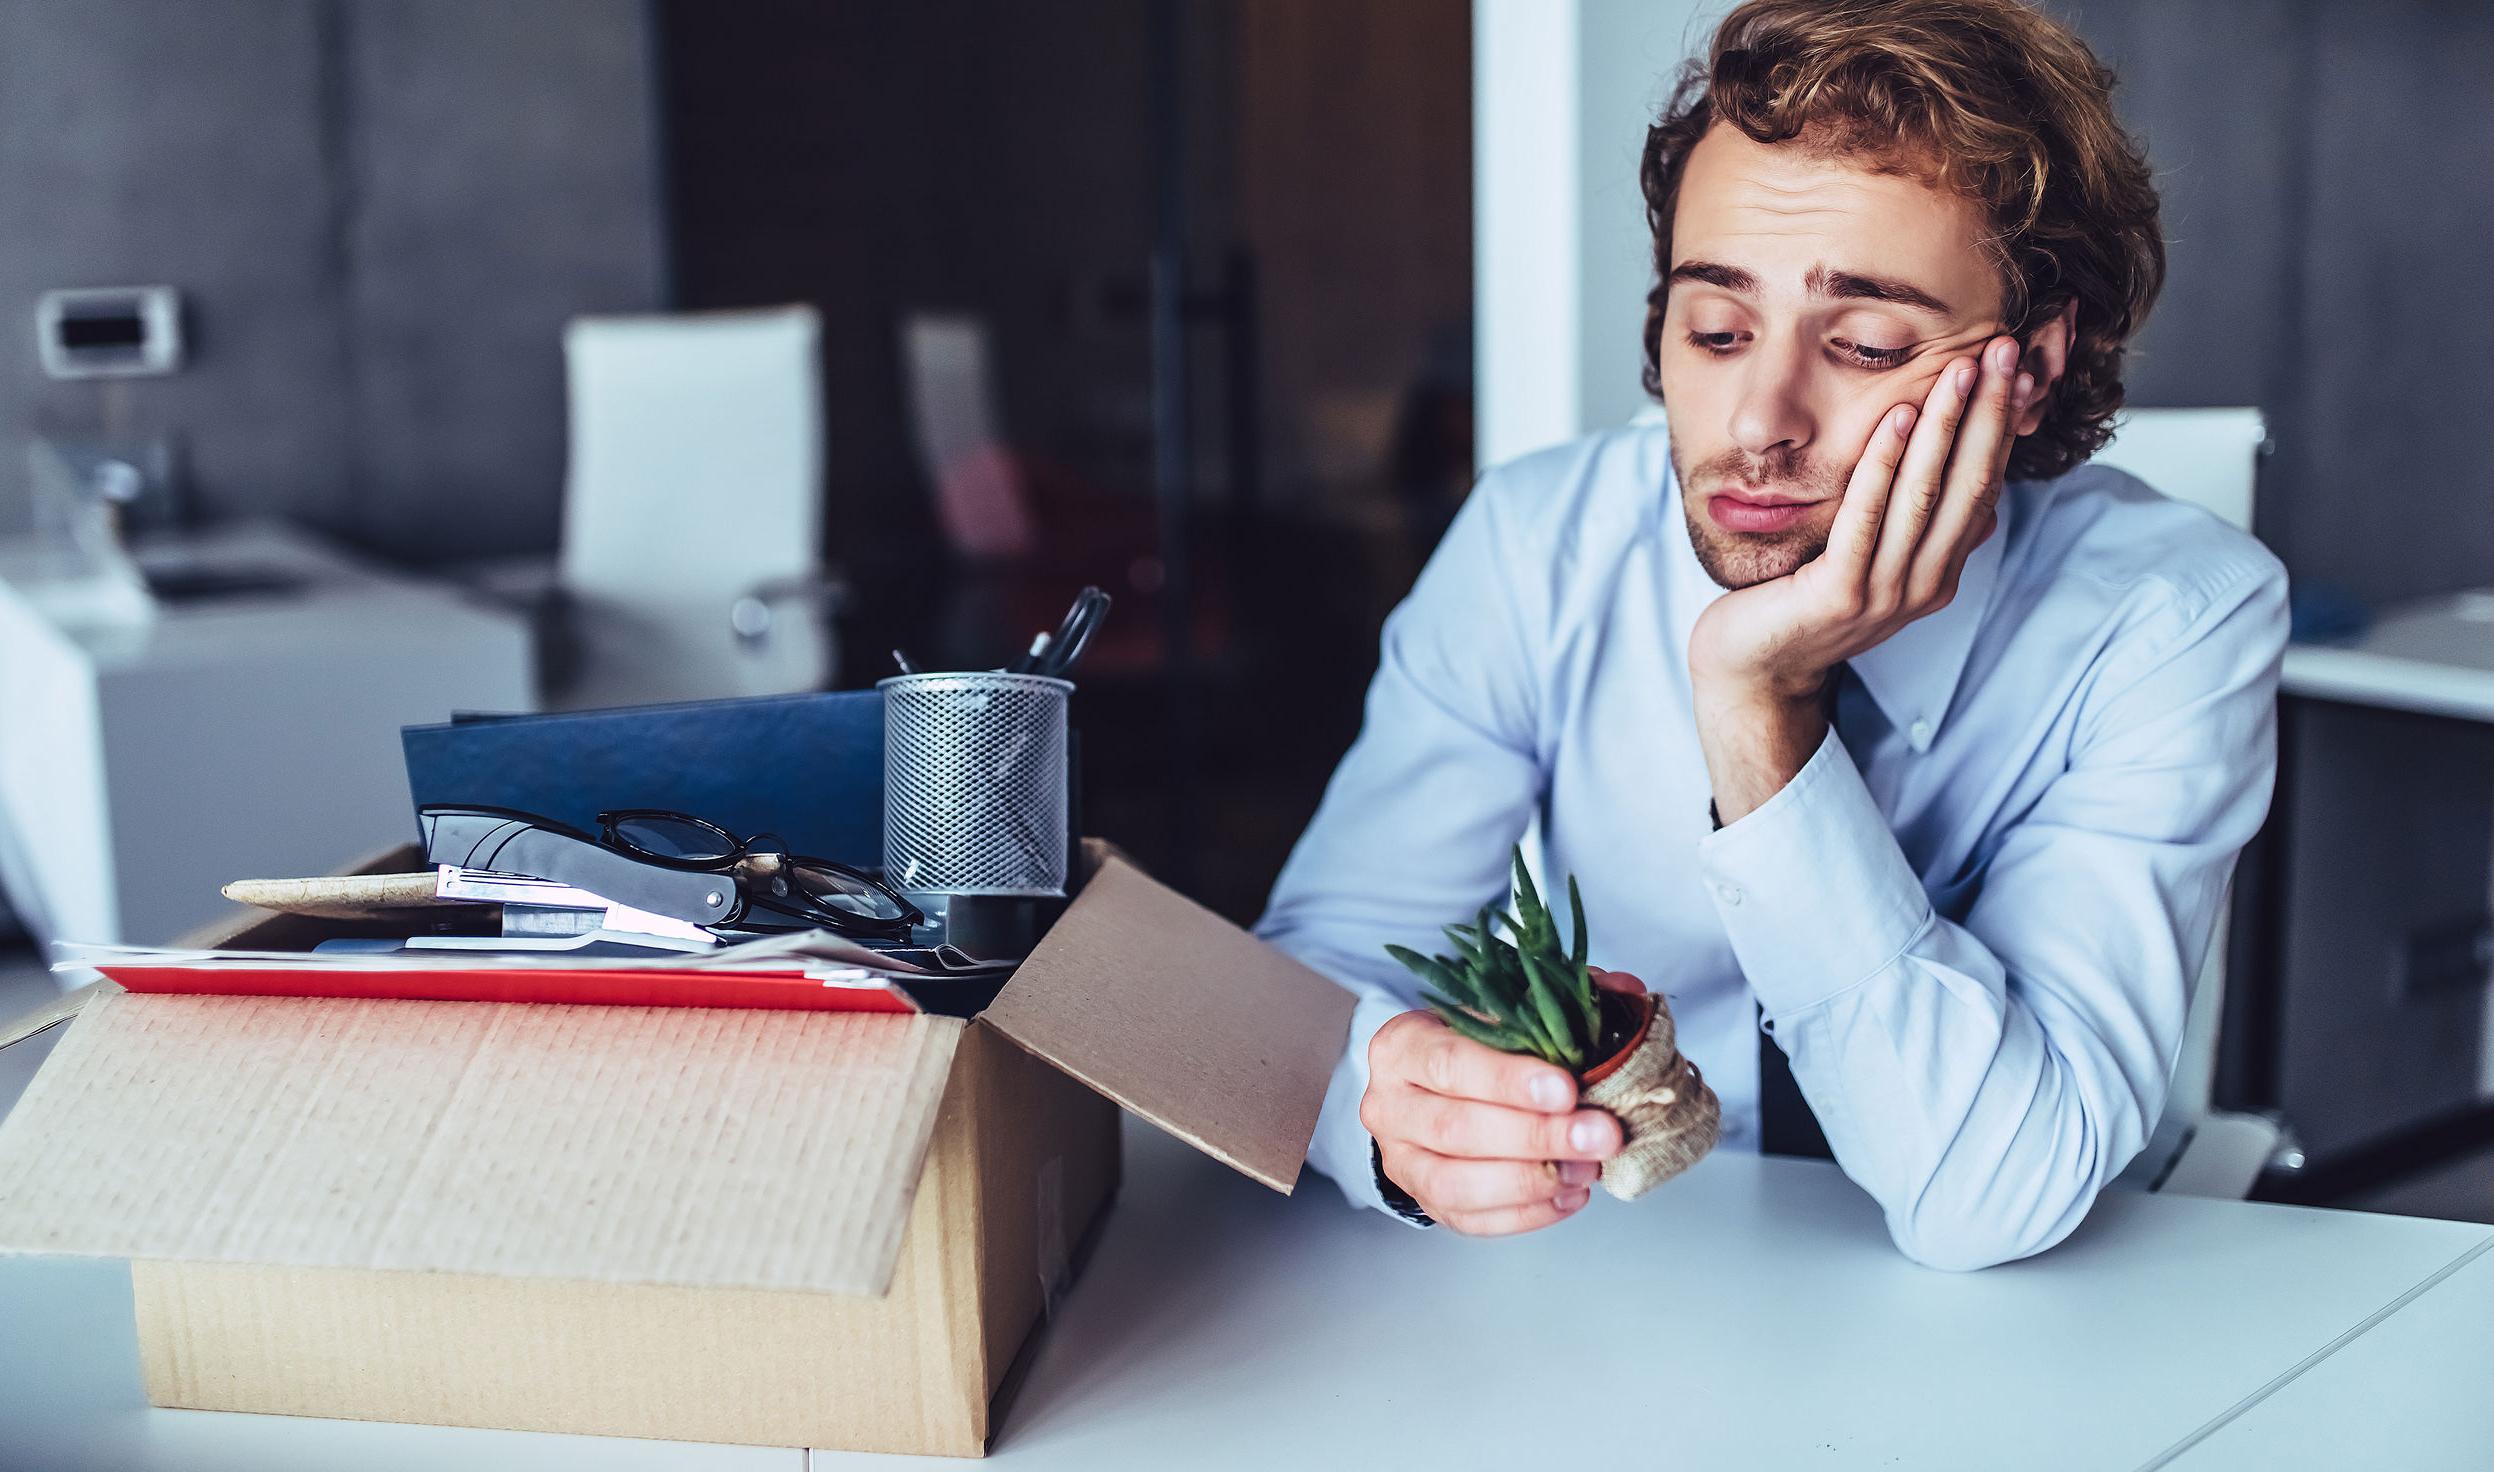 Fiatal üzletember egy dobozba pakolta a dolgait az irodában. Ez az utolsó napja a munkahelyén. Szomorú, mert felmondtak neki.